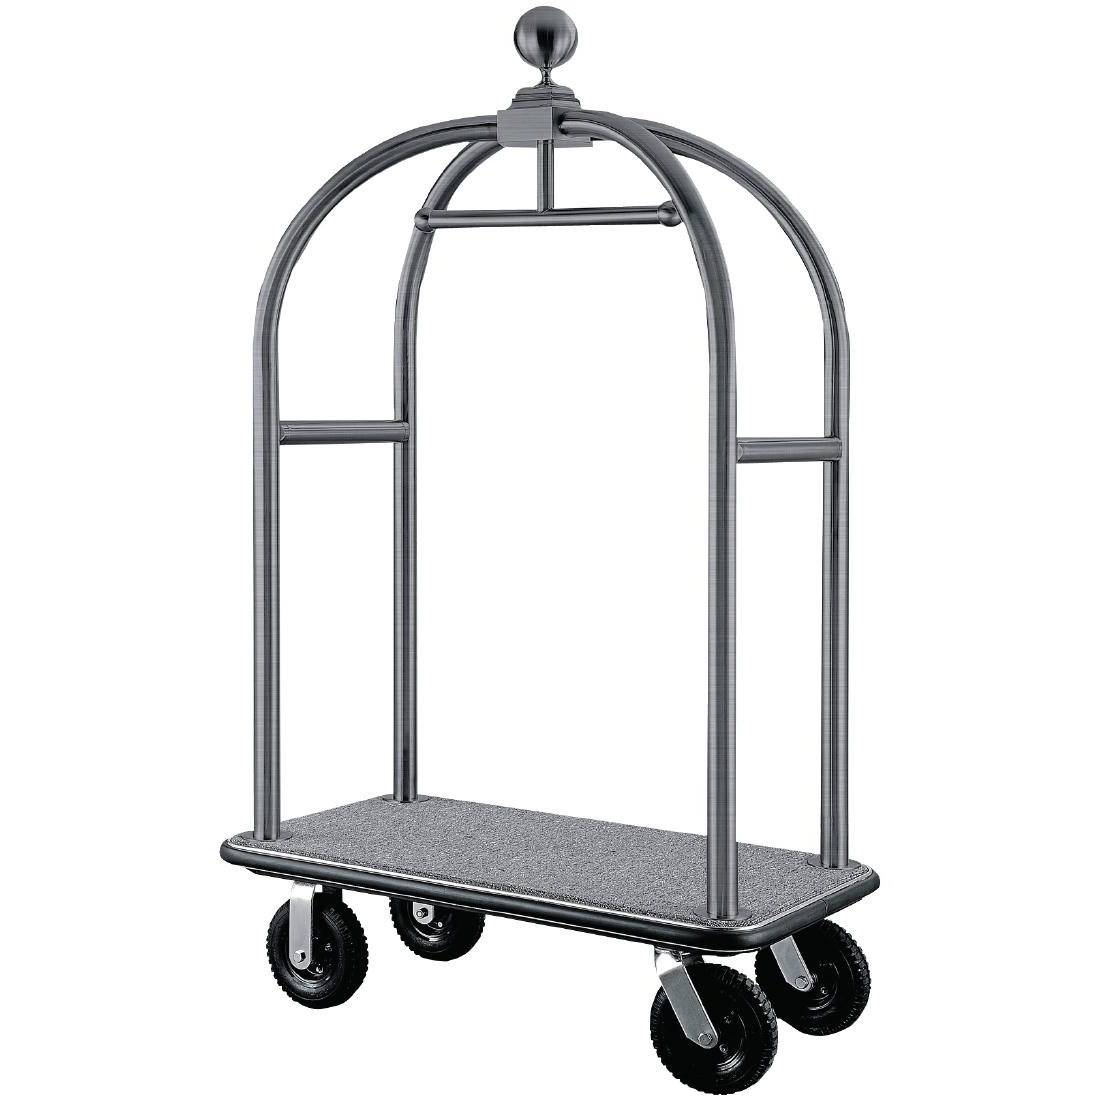 Chariot à bagages en inox brossé